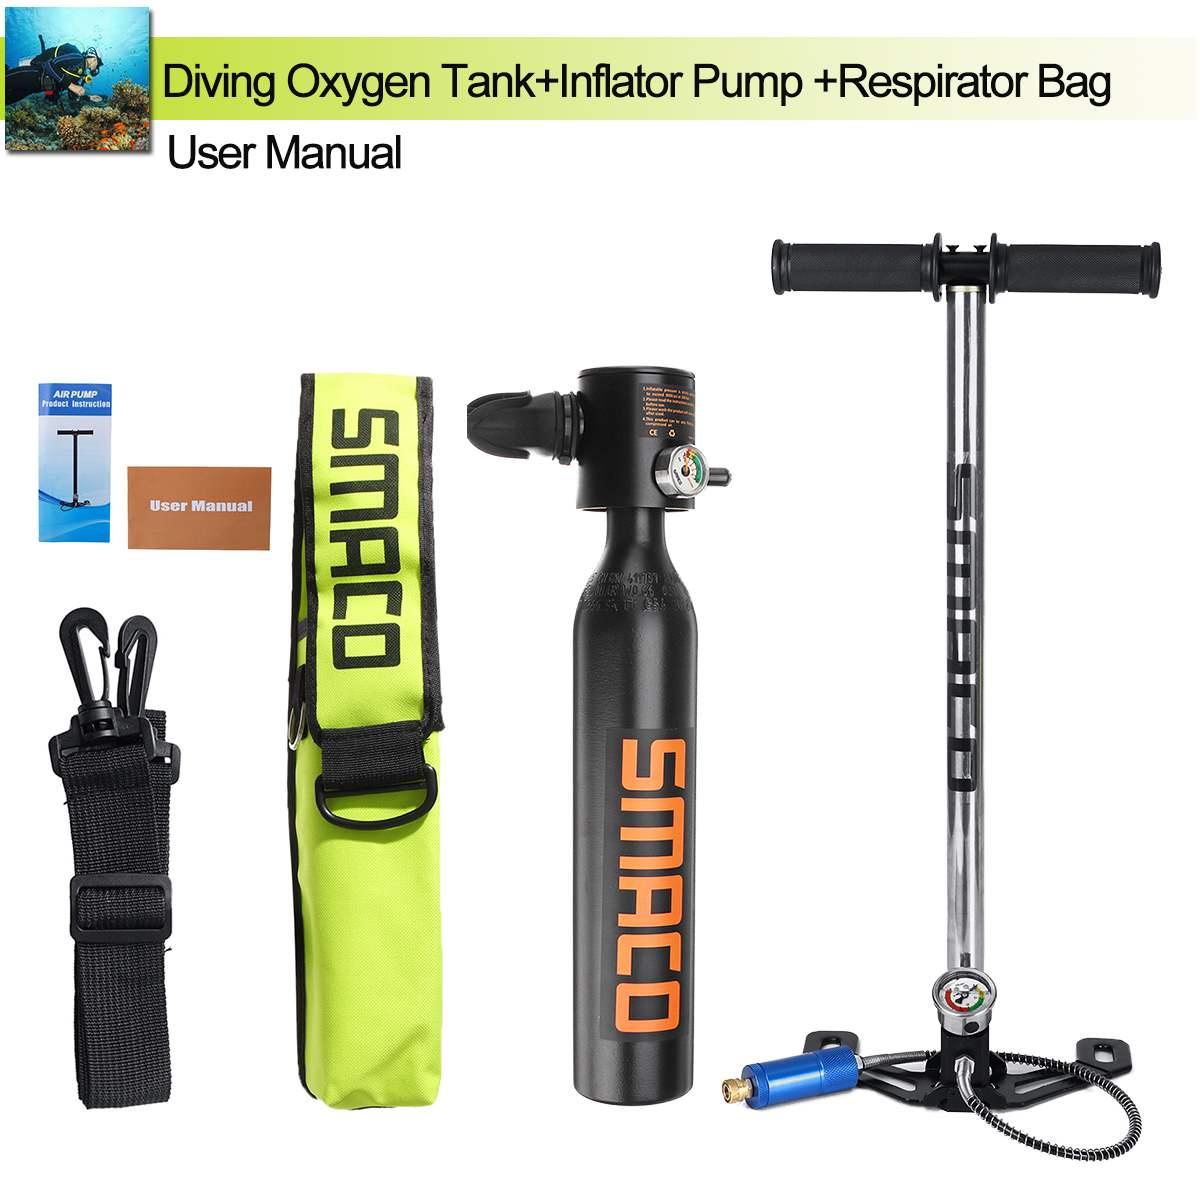 Mini réservoir d'air portatif de cylindre d'oxygène de plongée de 0.5L équipement maximum de plongée de 3000PSI pour le sac sous-marin de pompe respiratoire de plongée en apnée